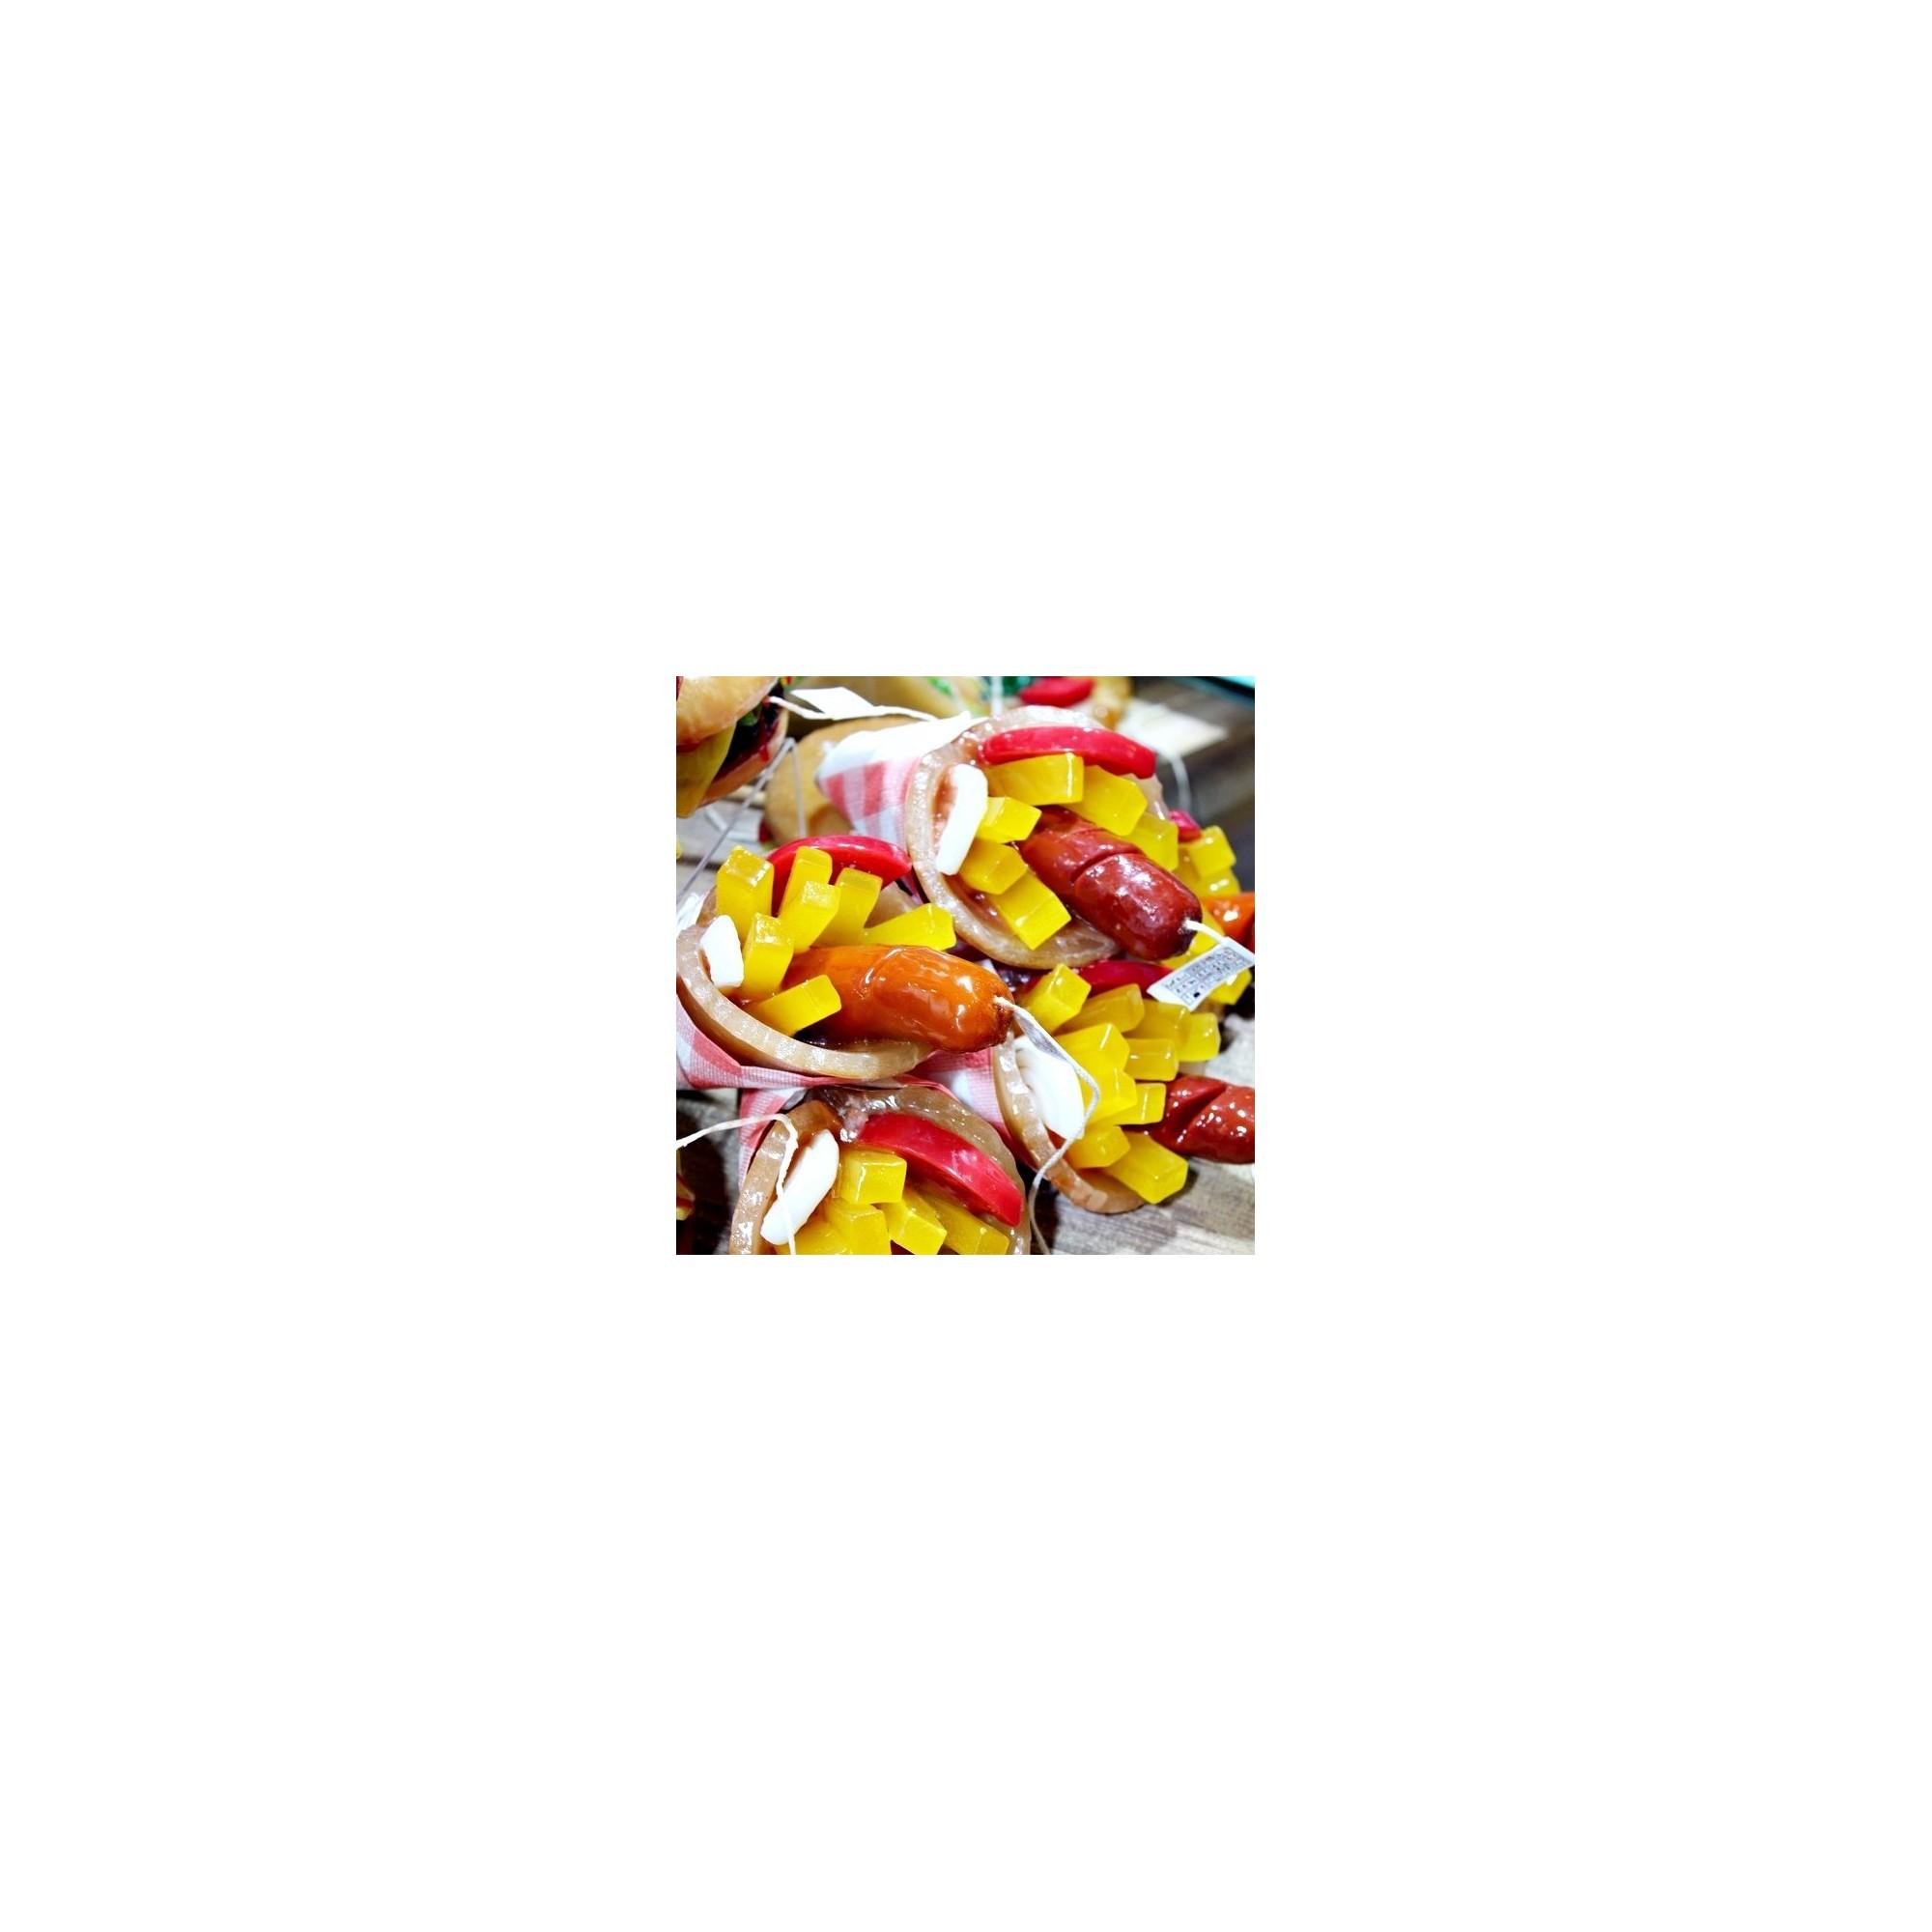 Λαμπάδα πίτα λουκάνικο - G1829